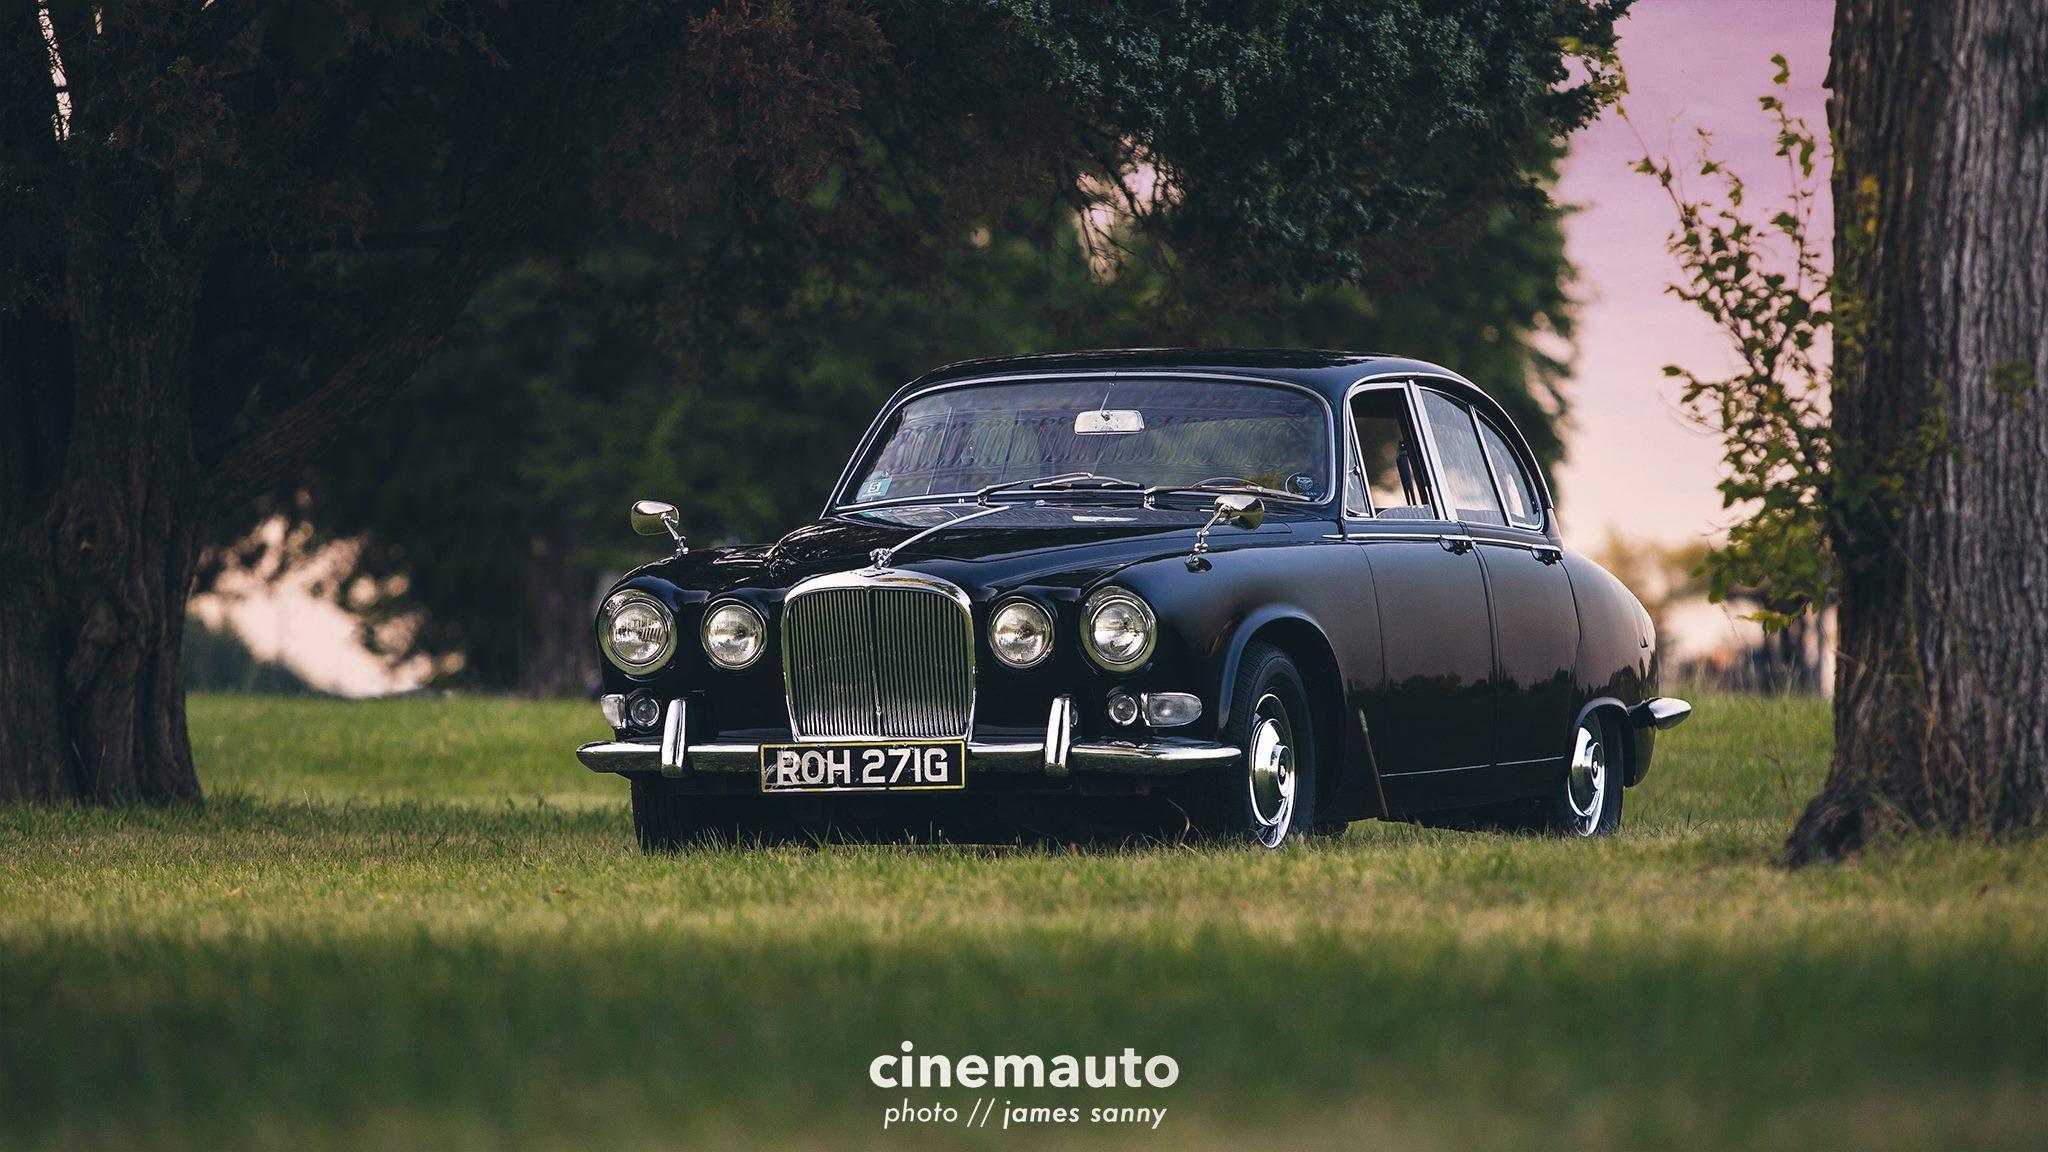 wichita-automotive-photographers-js5.jpg